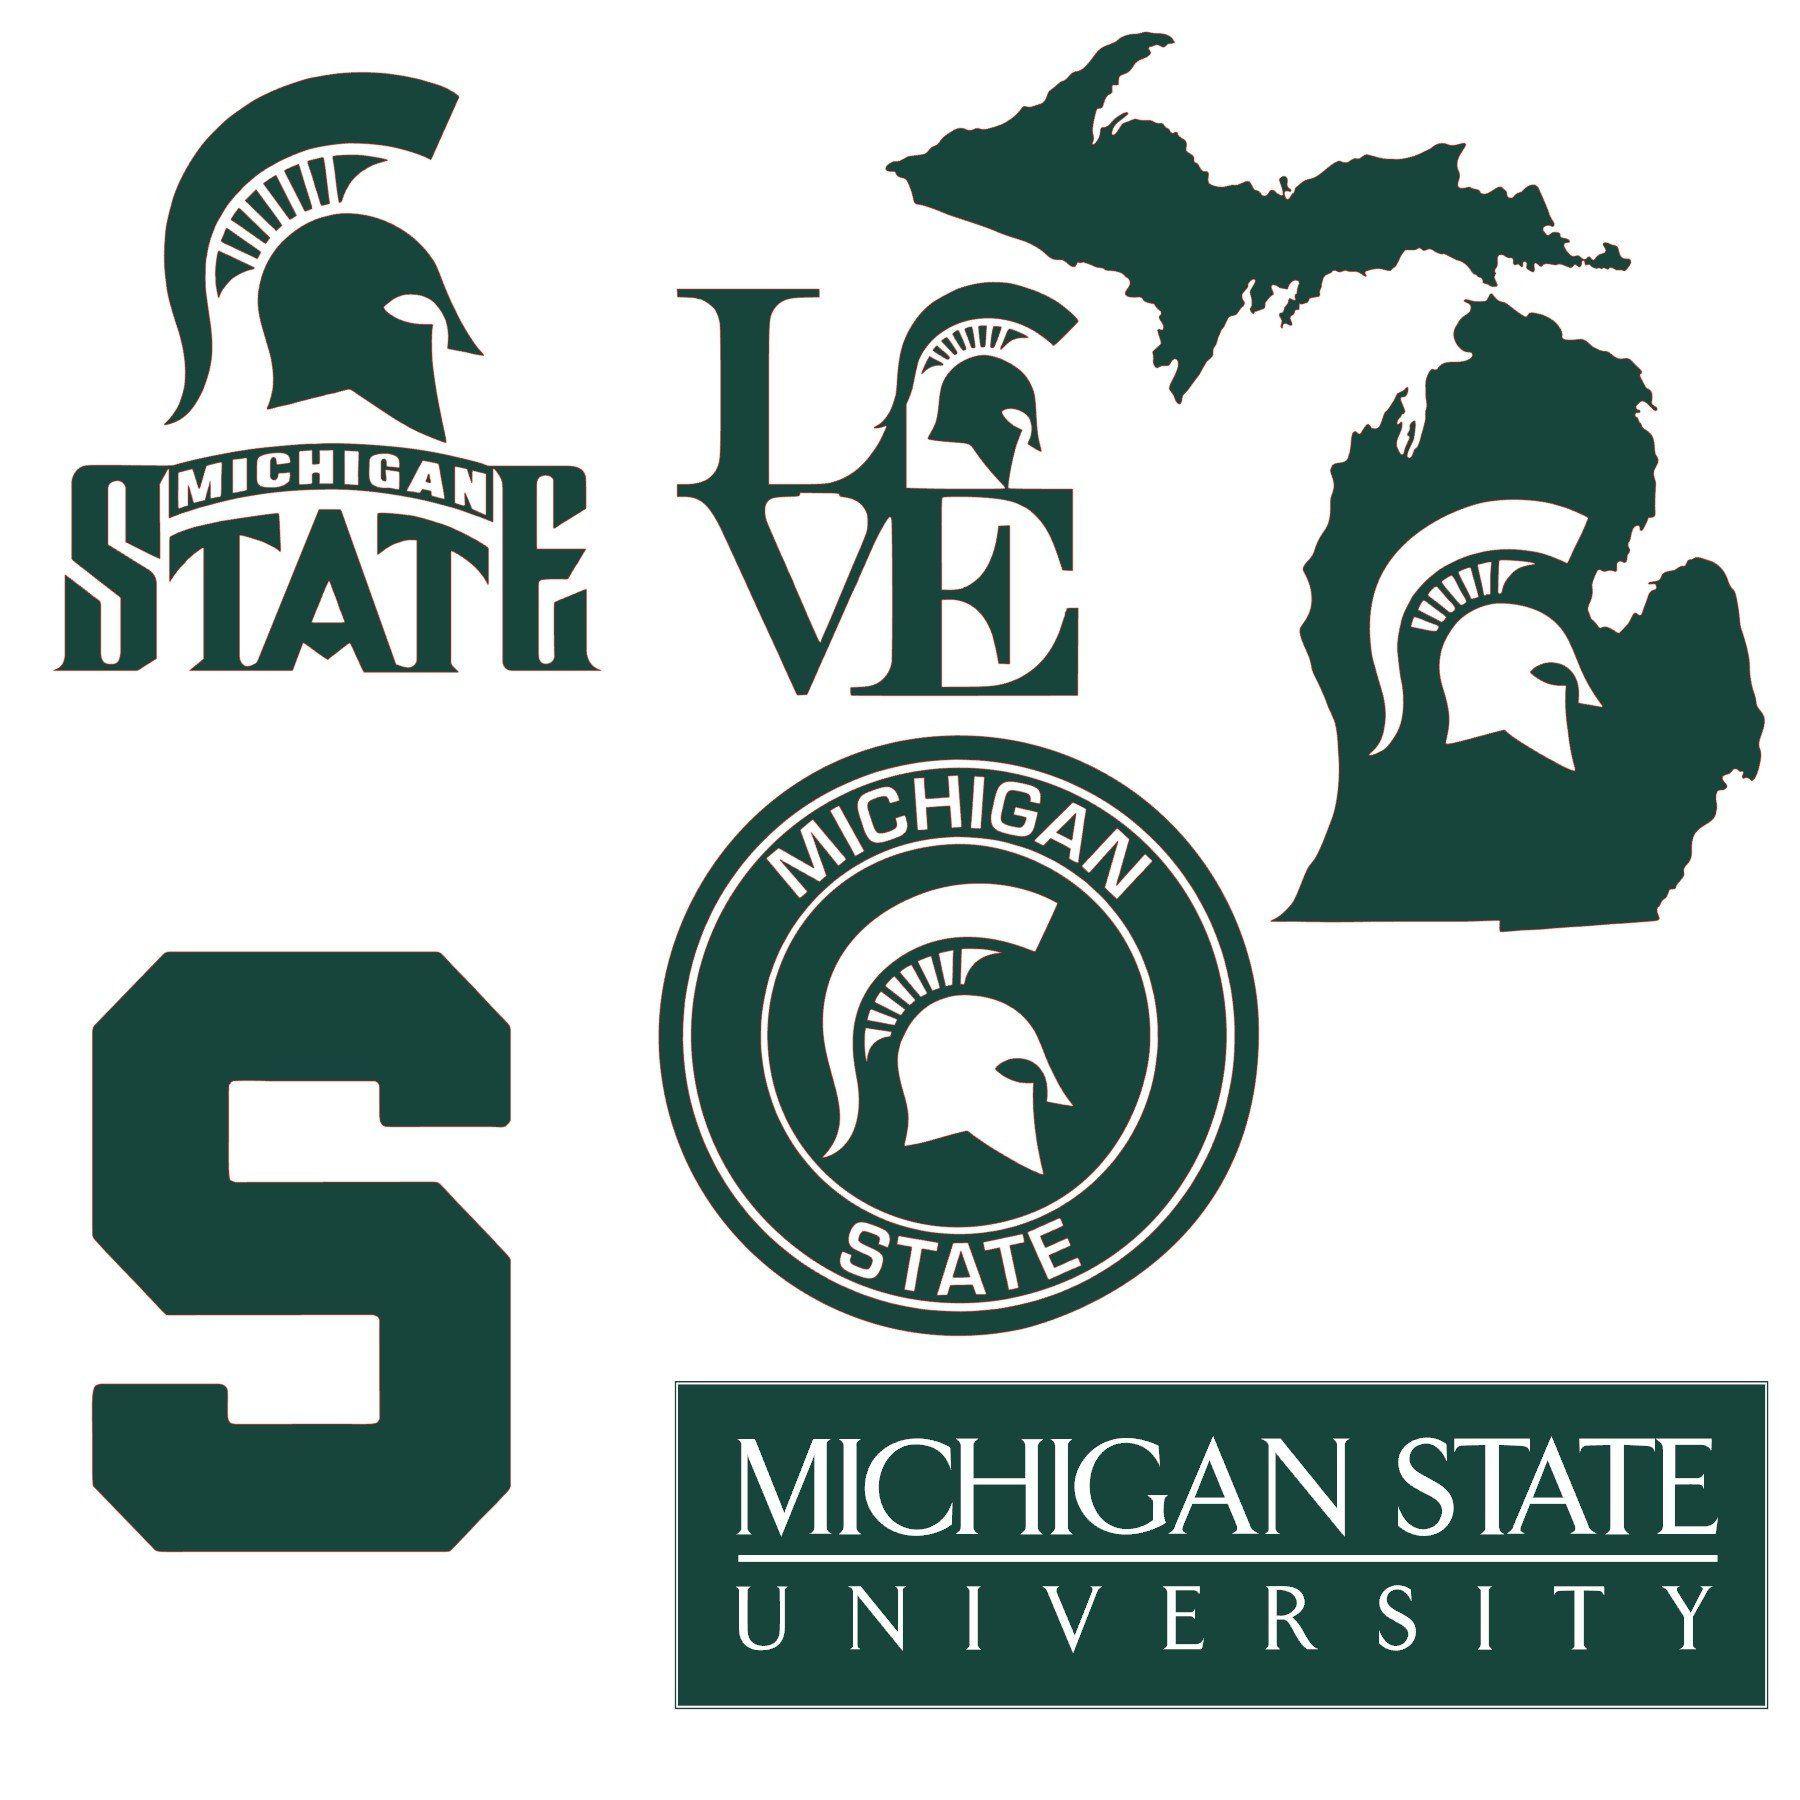 Michigan State University svg Etsy Michigan state